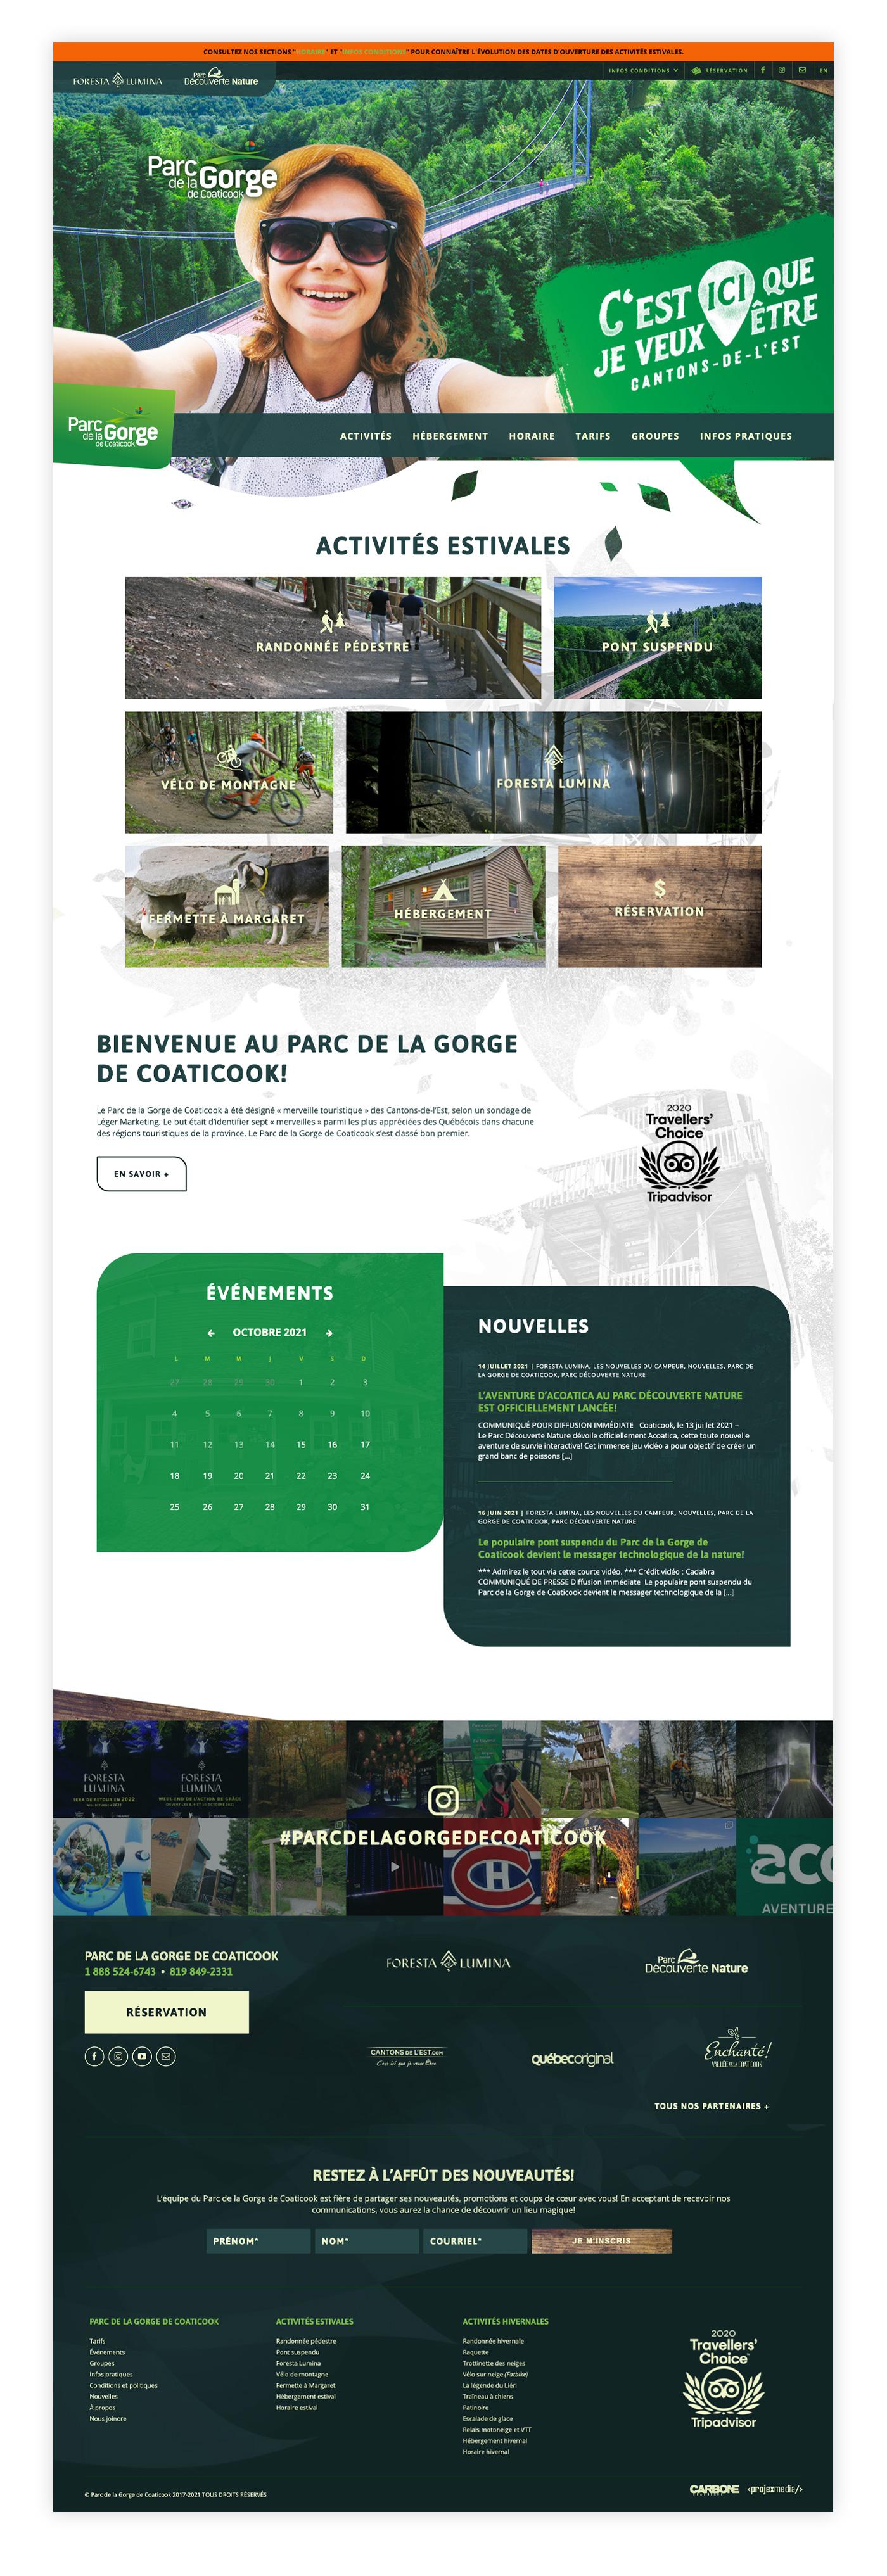 Parc de la Gorge de Coaticook - Site Web informatif et billetterie xPayrience - Réalisation signée Projex Media